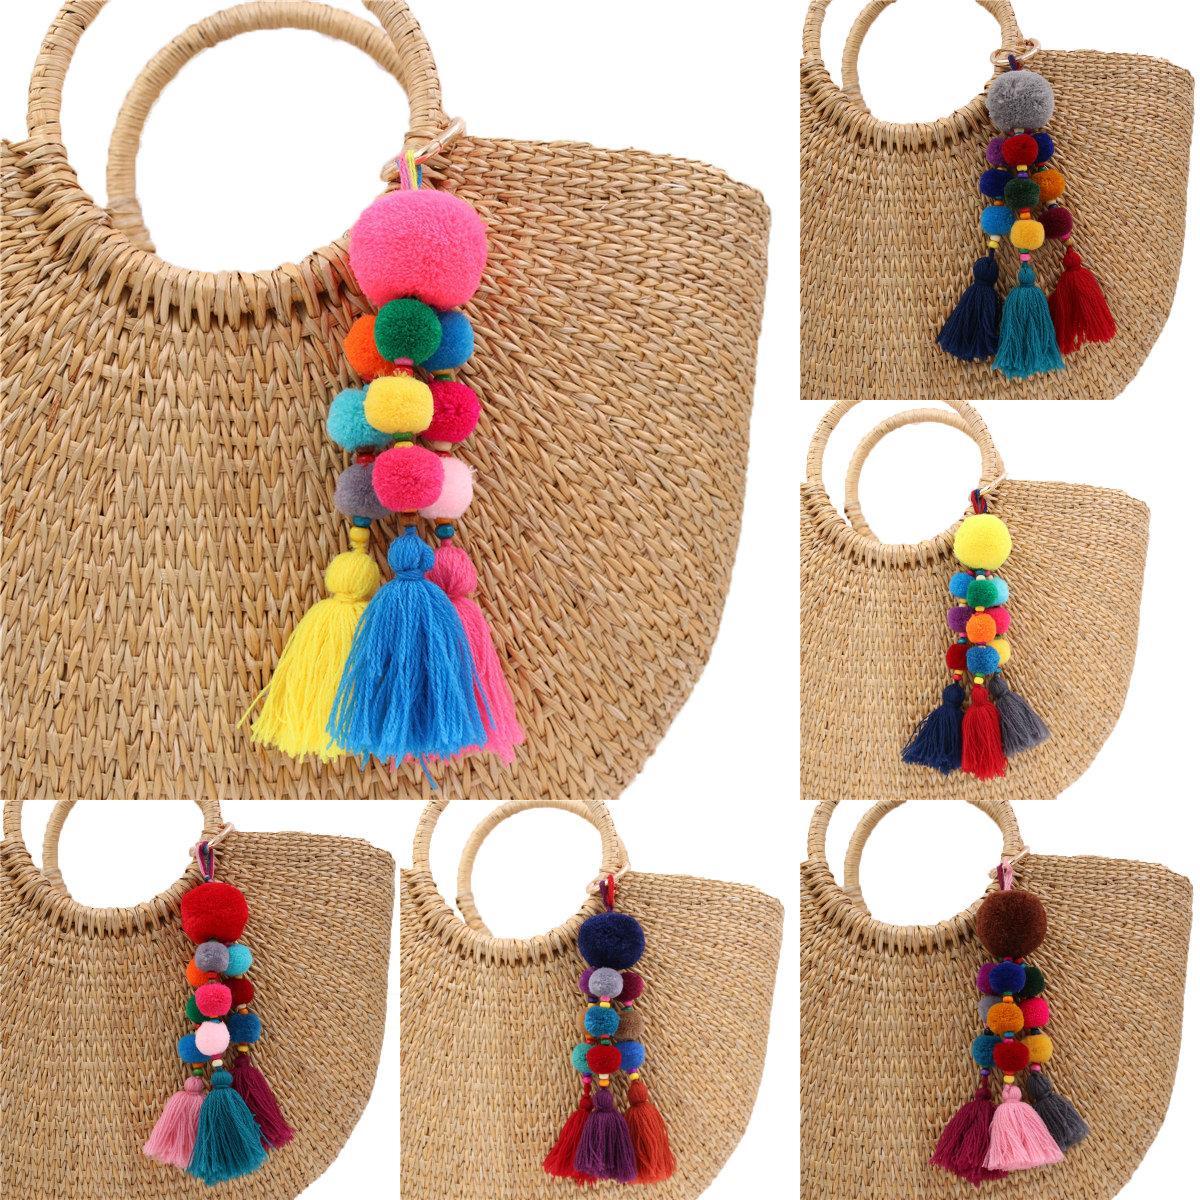 Богемный стиль деревянные бусины брелки помпон брелок сумка висит украшение для женщин подарок